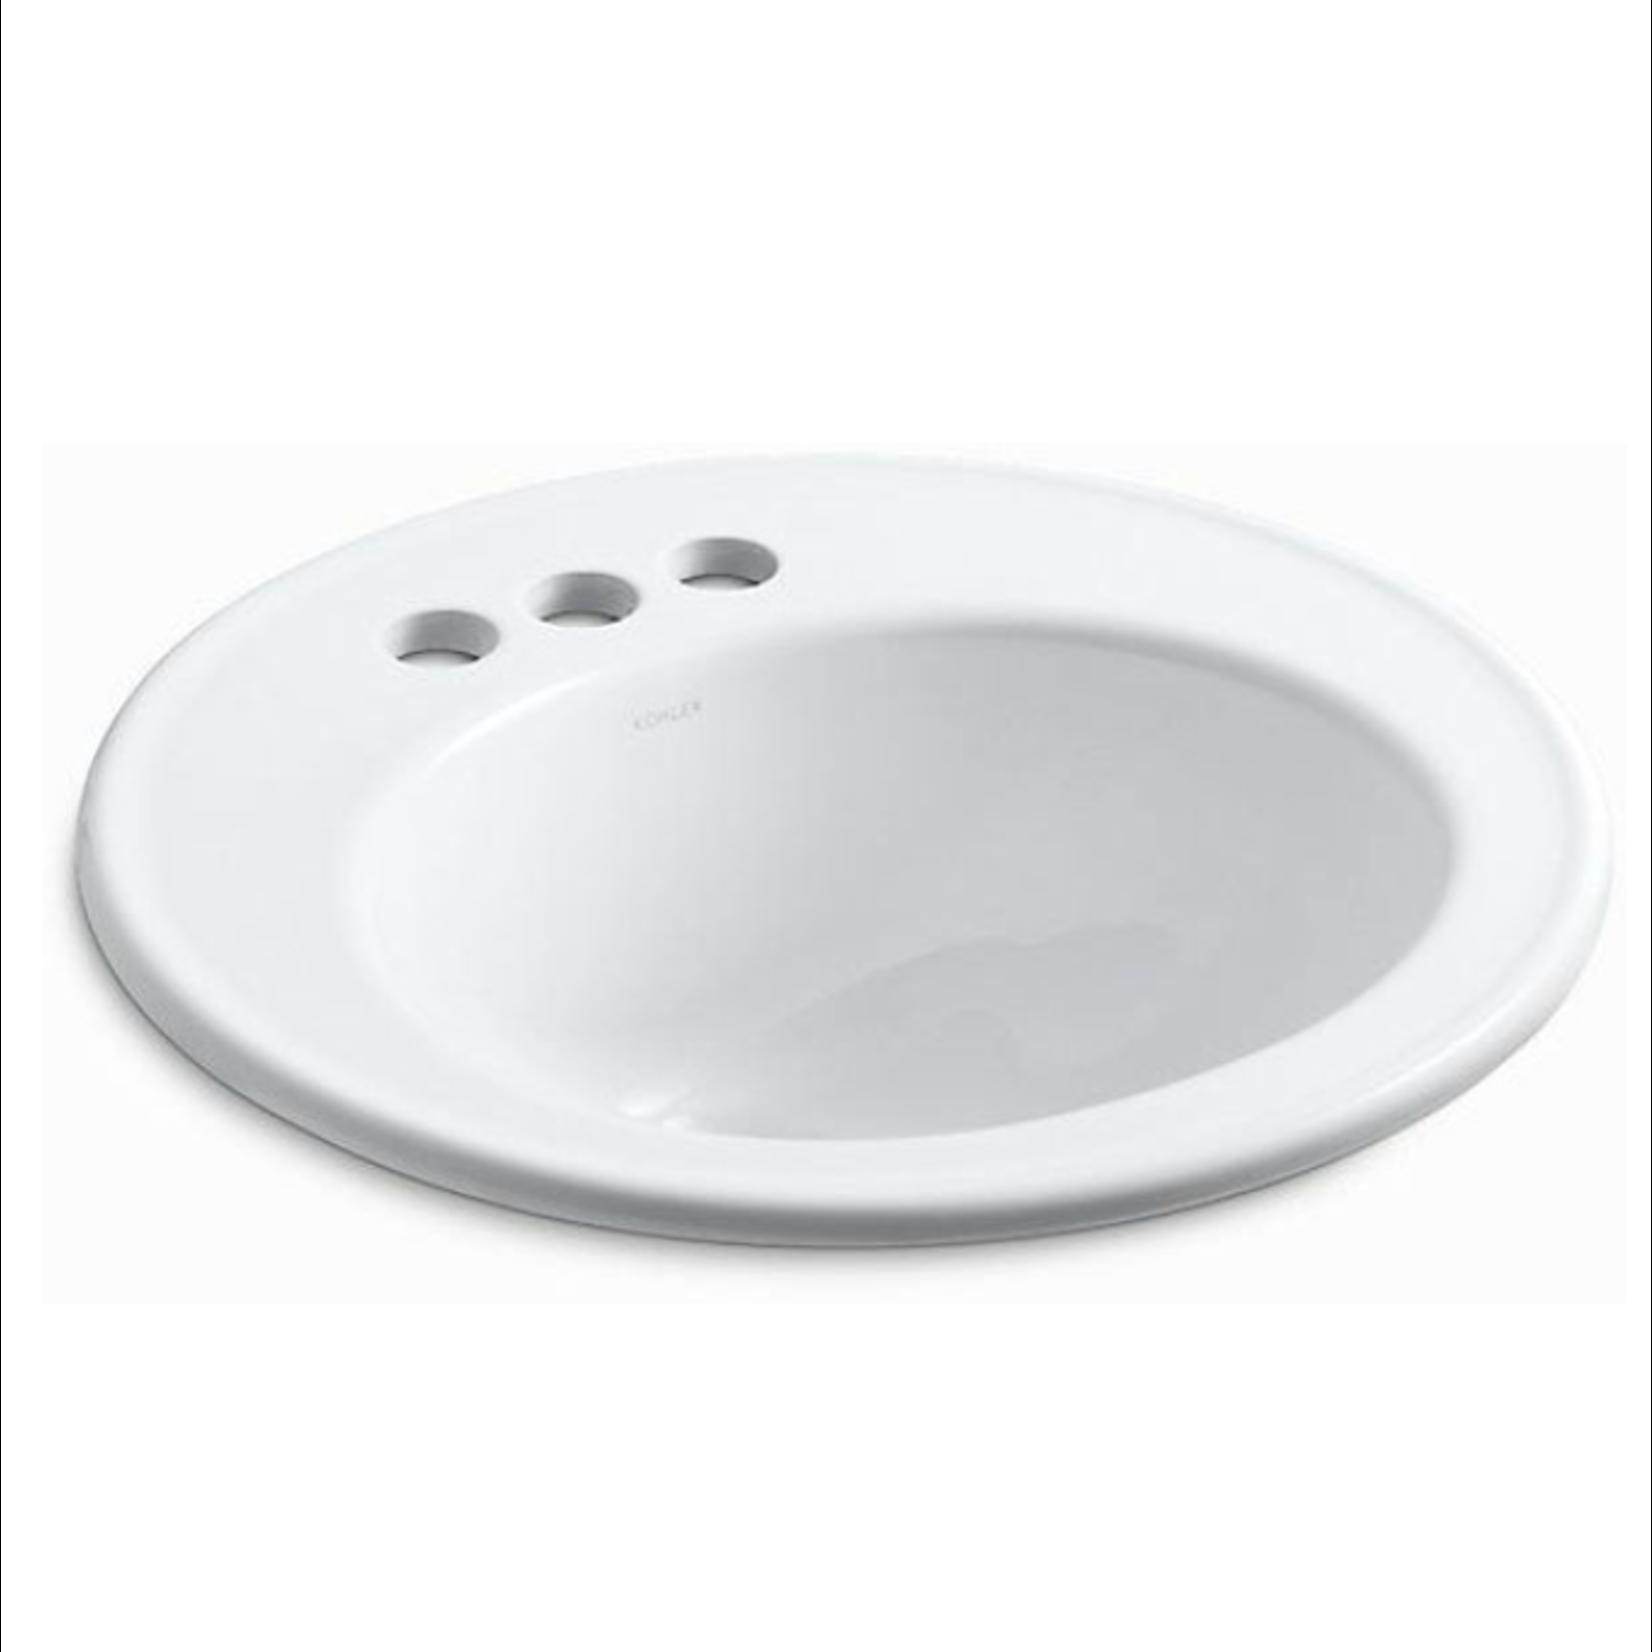 10311 Kohler Brookline Drop-In Bathroom Sink